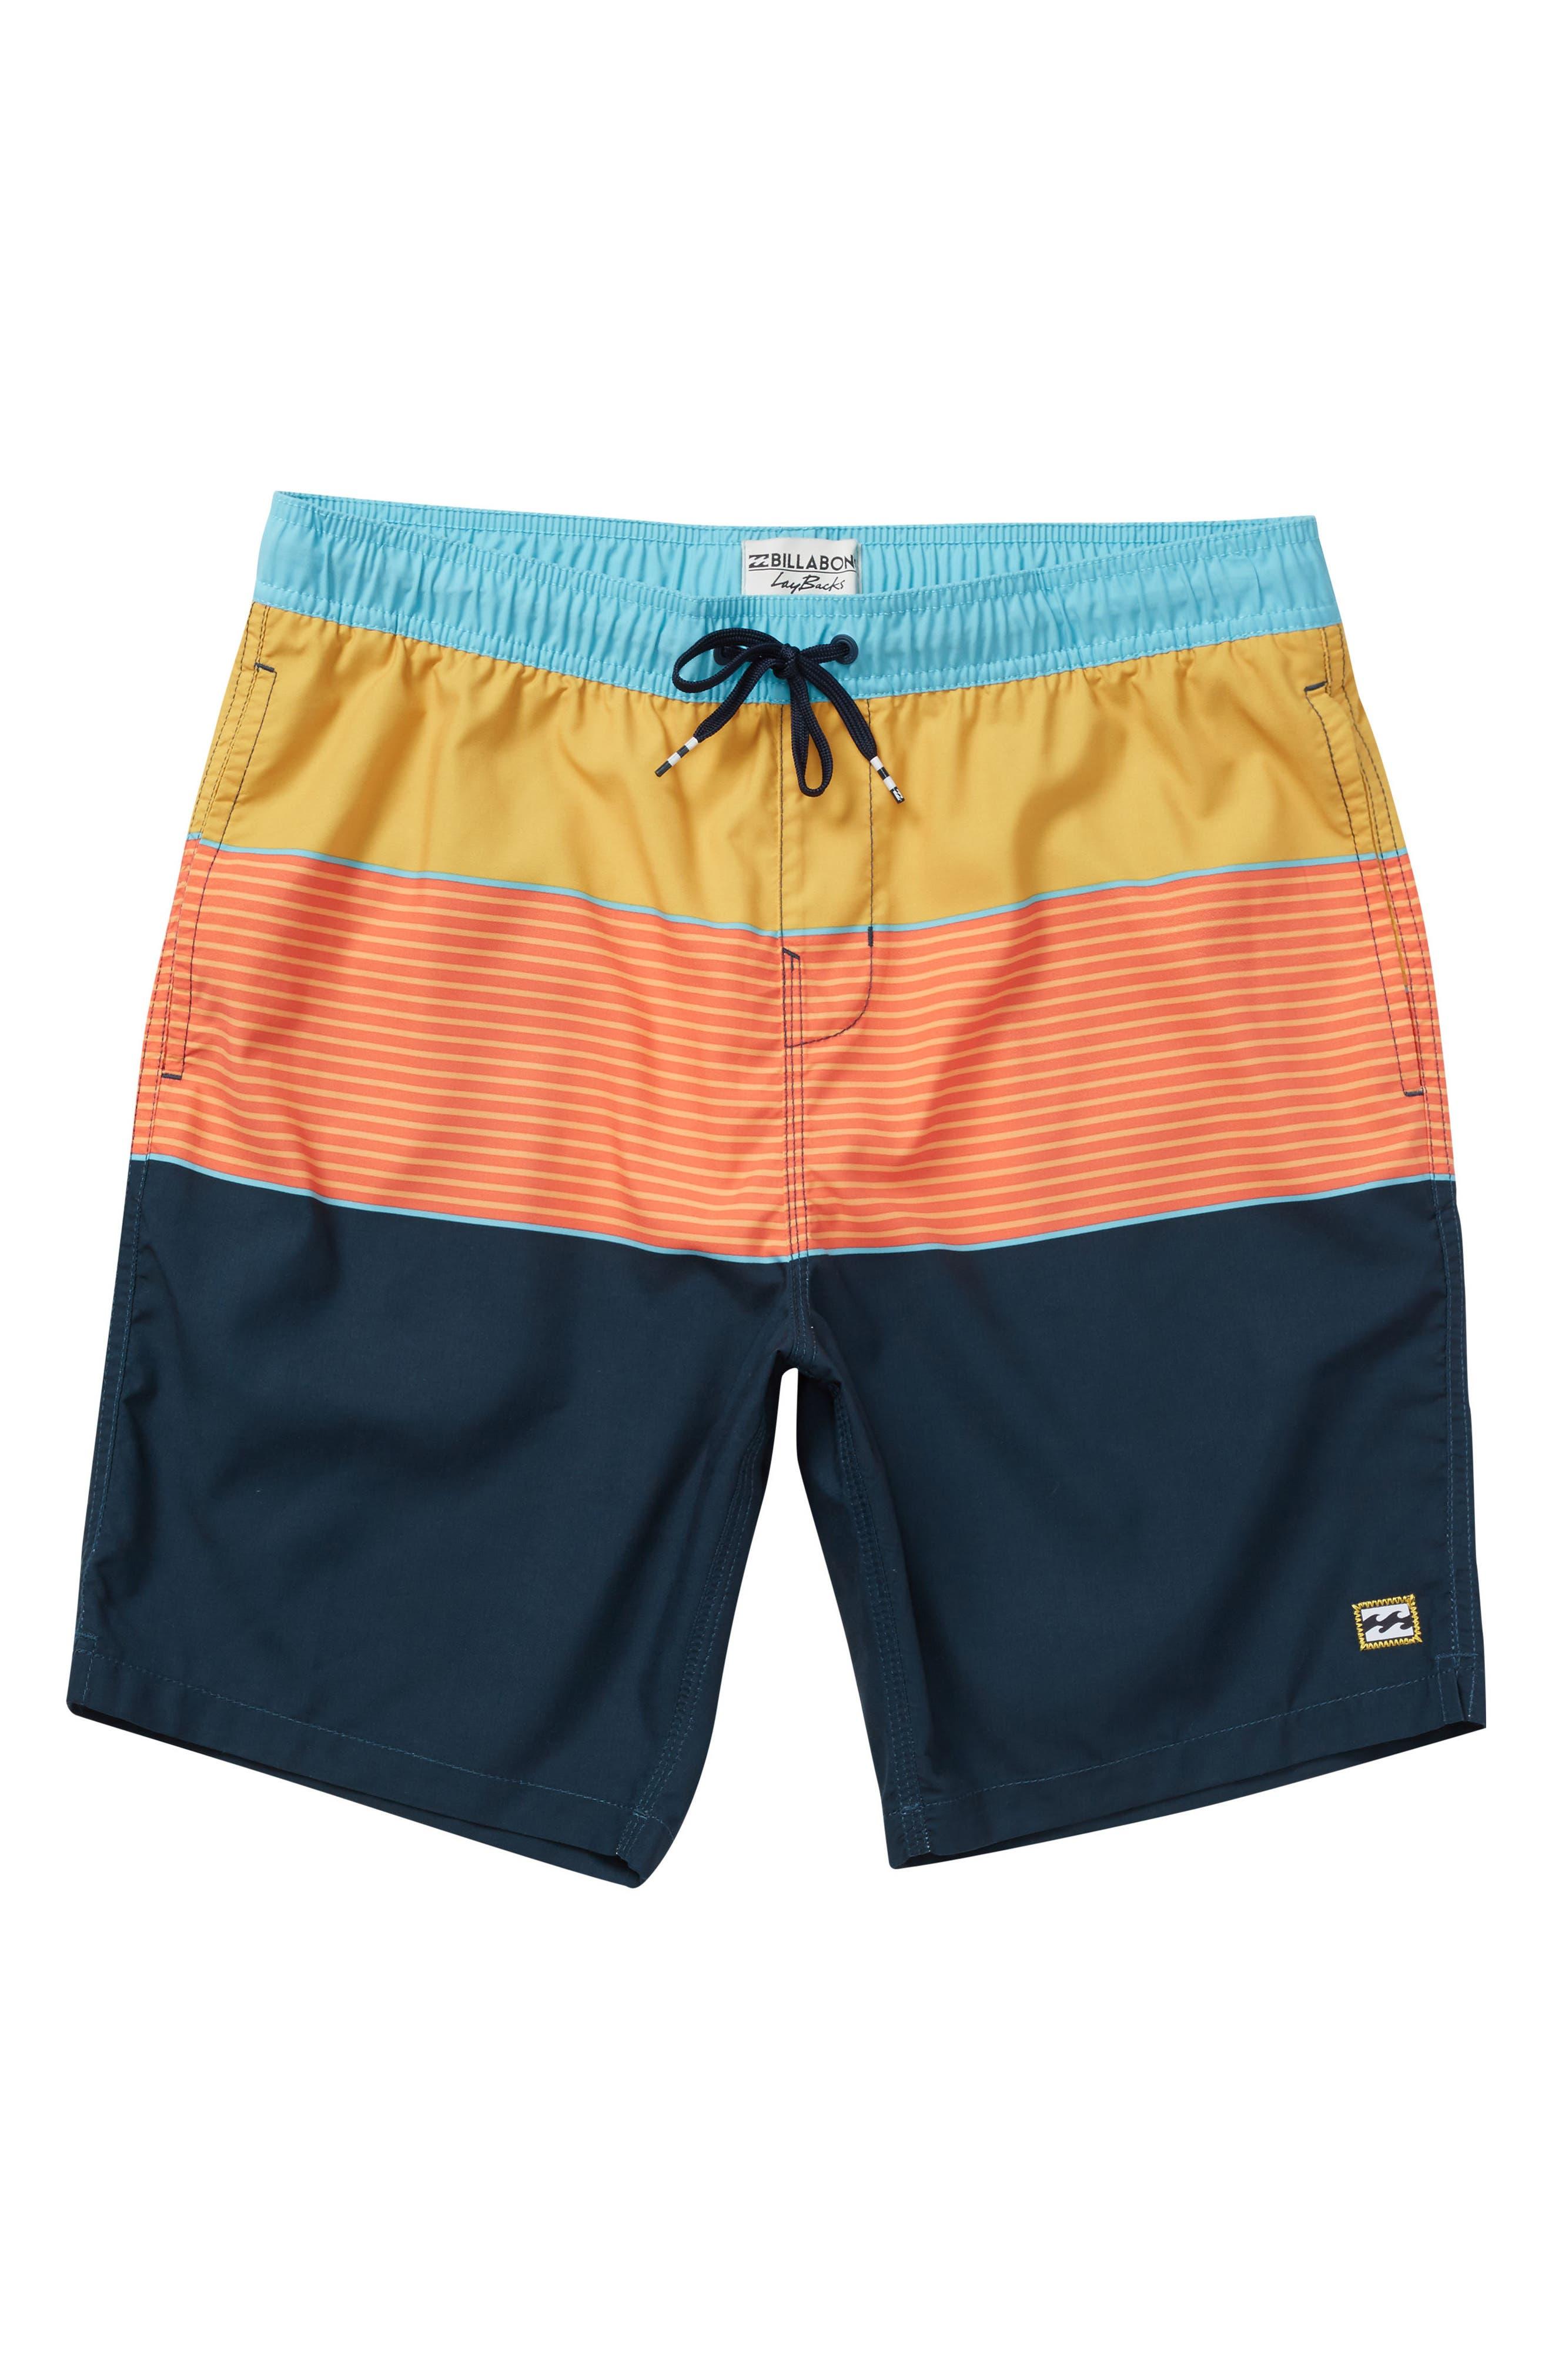 Tribong Layback Board Shorts,                         Main,                         color, Orange